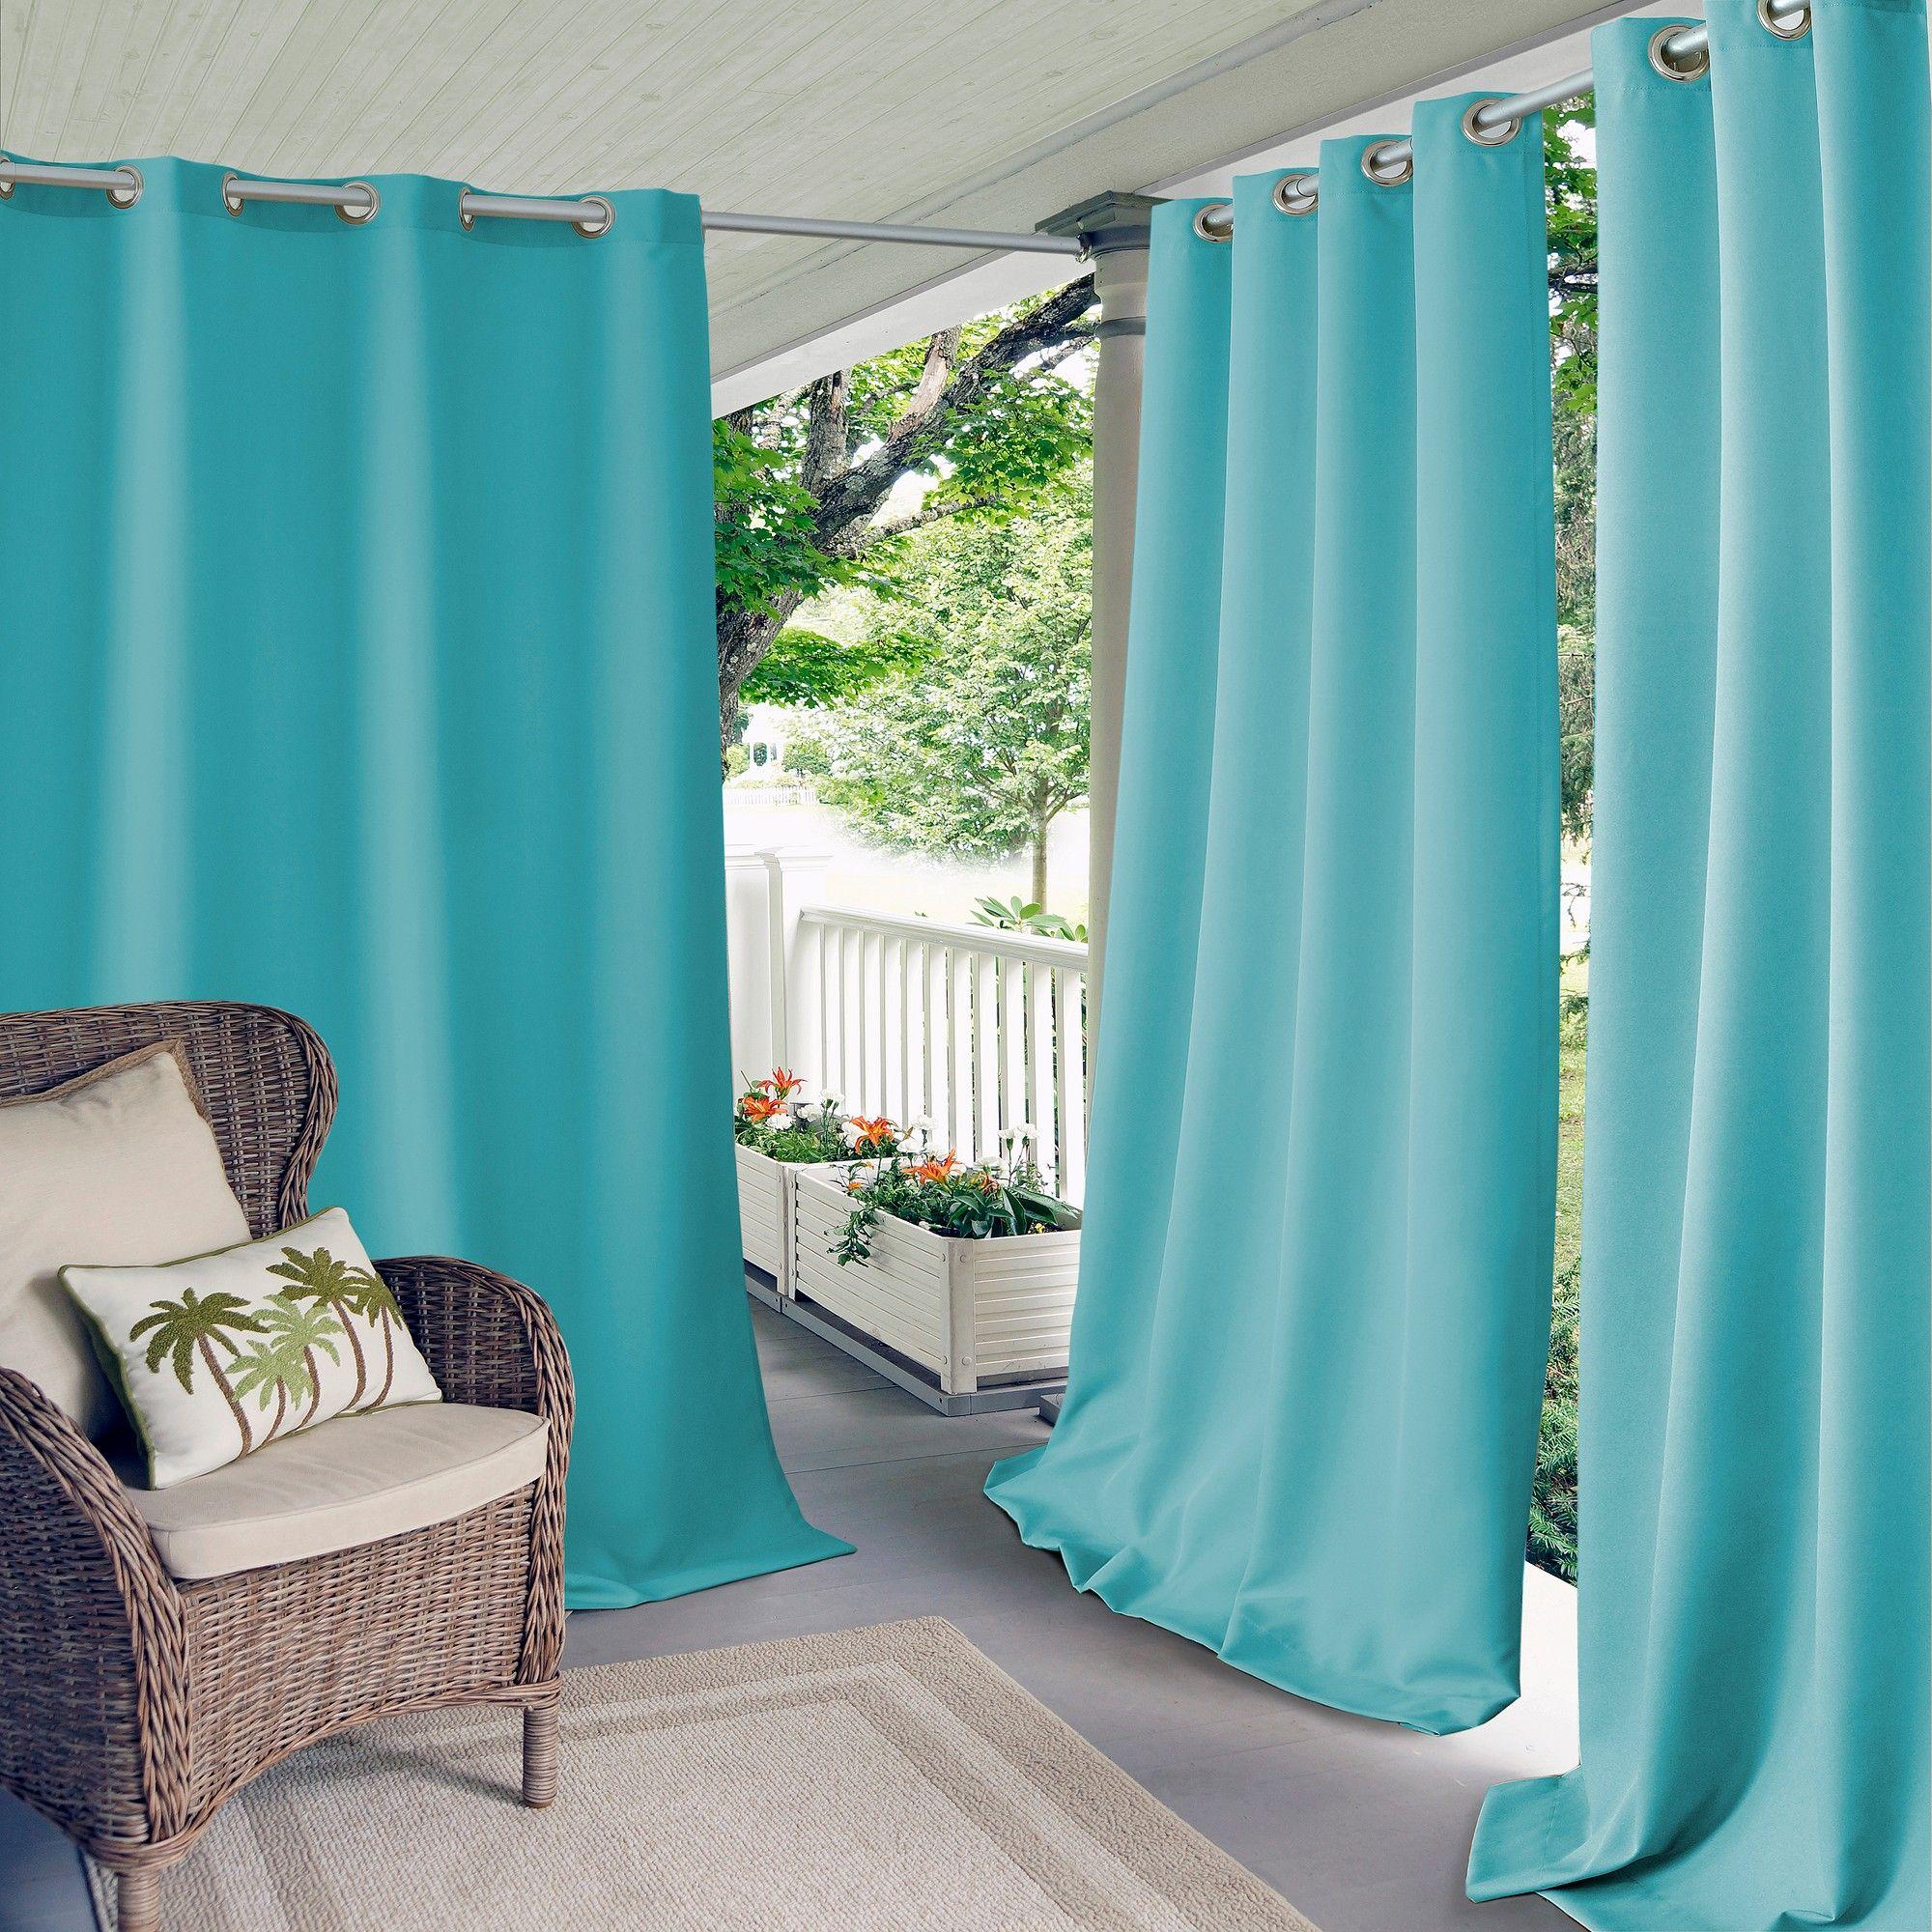 Connor Solid Indoor Outdoor Window Curtain Panel 52 X 108 Turquoise Blue Elrene Home Indoor Outdoor Curtains Outdoor Curtains Outdoor Grommet Curtains